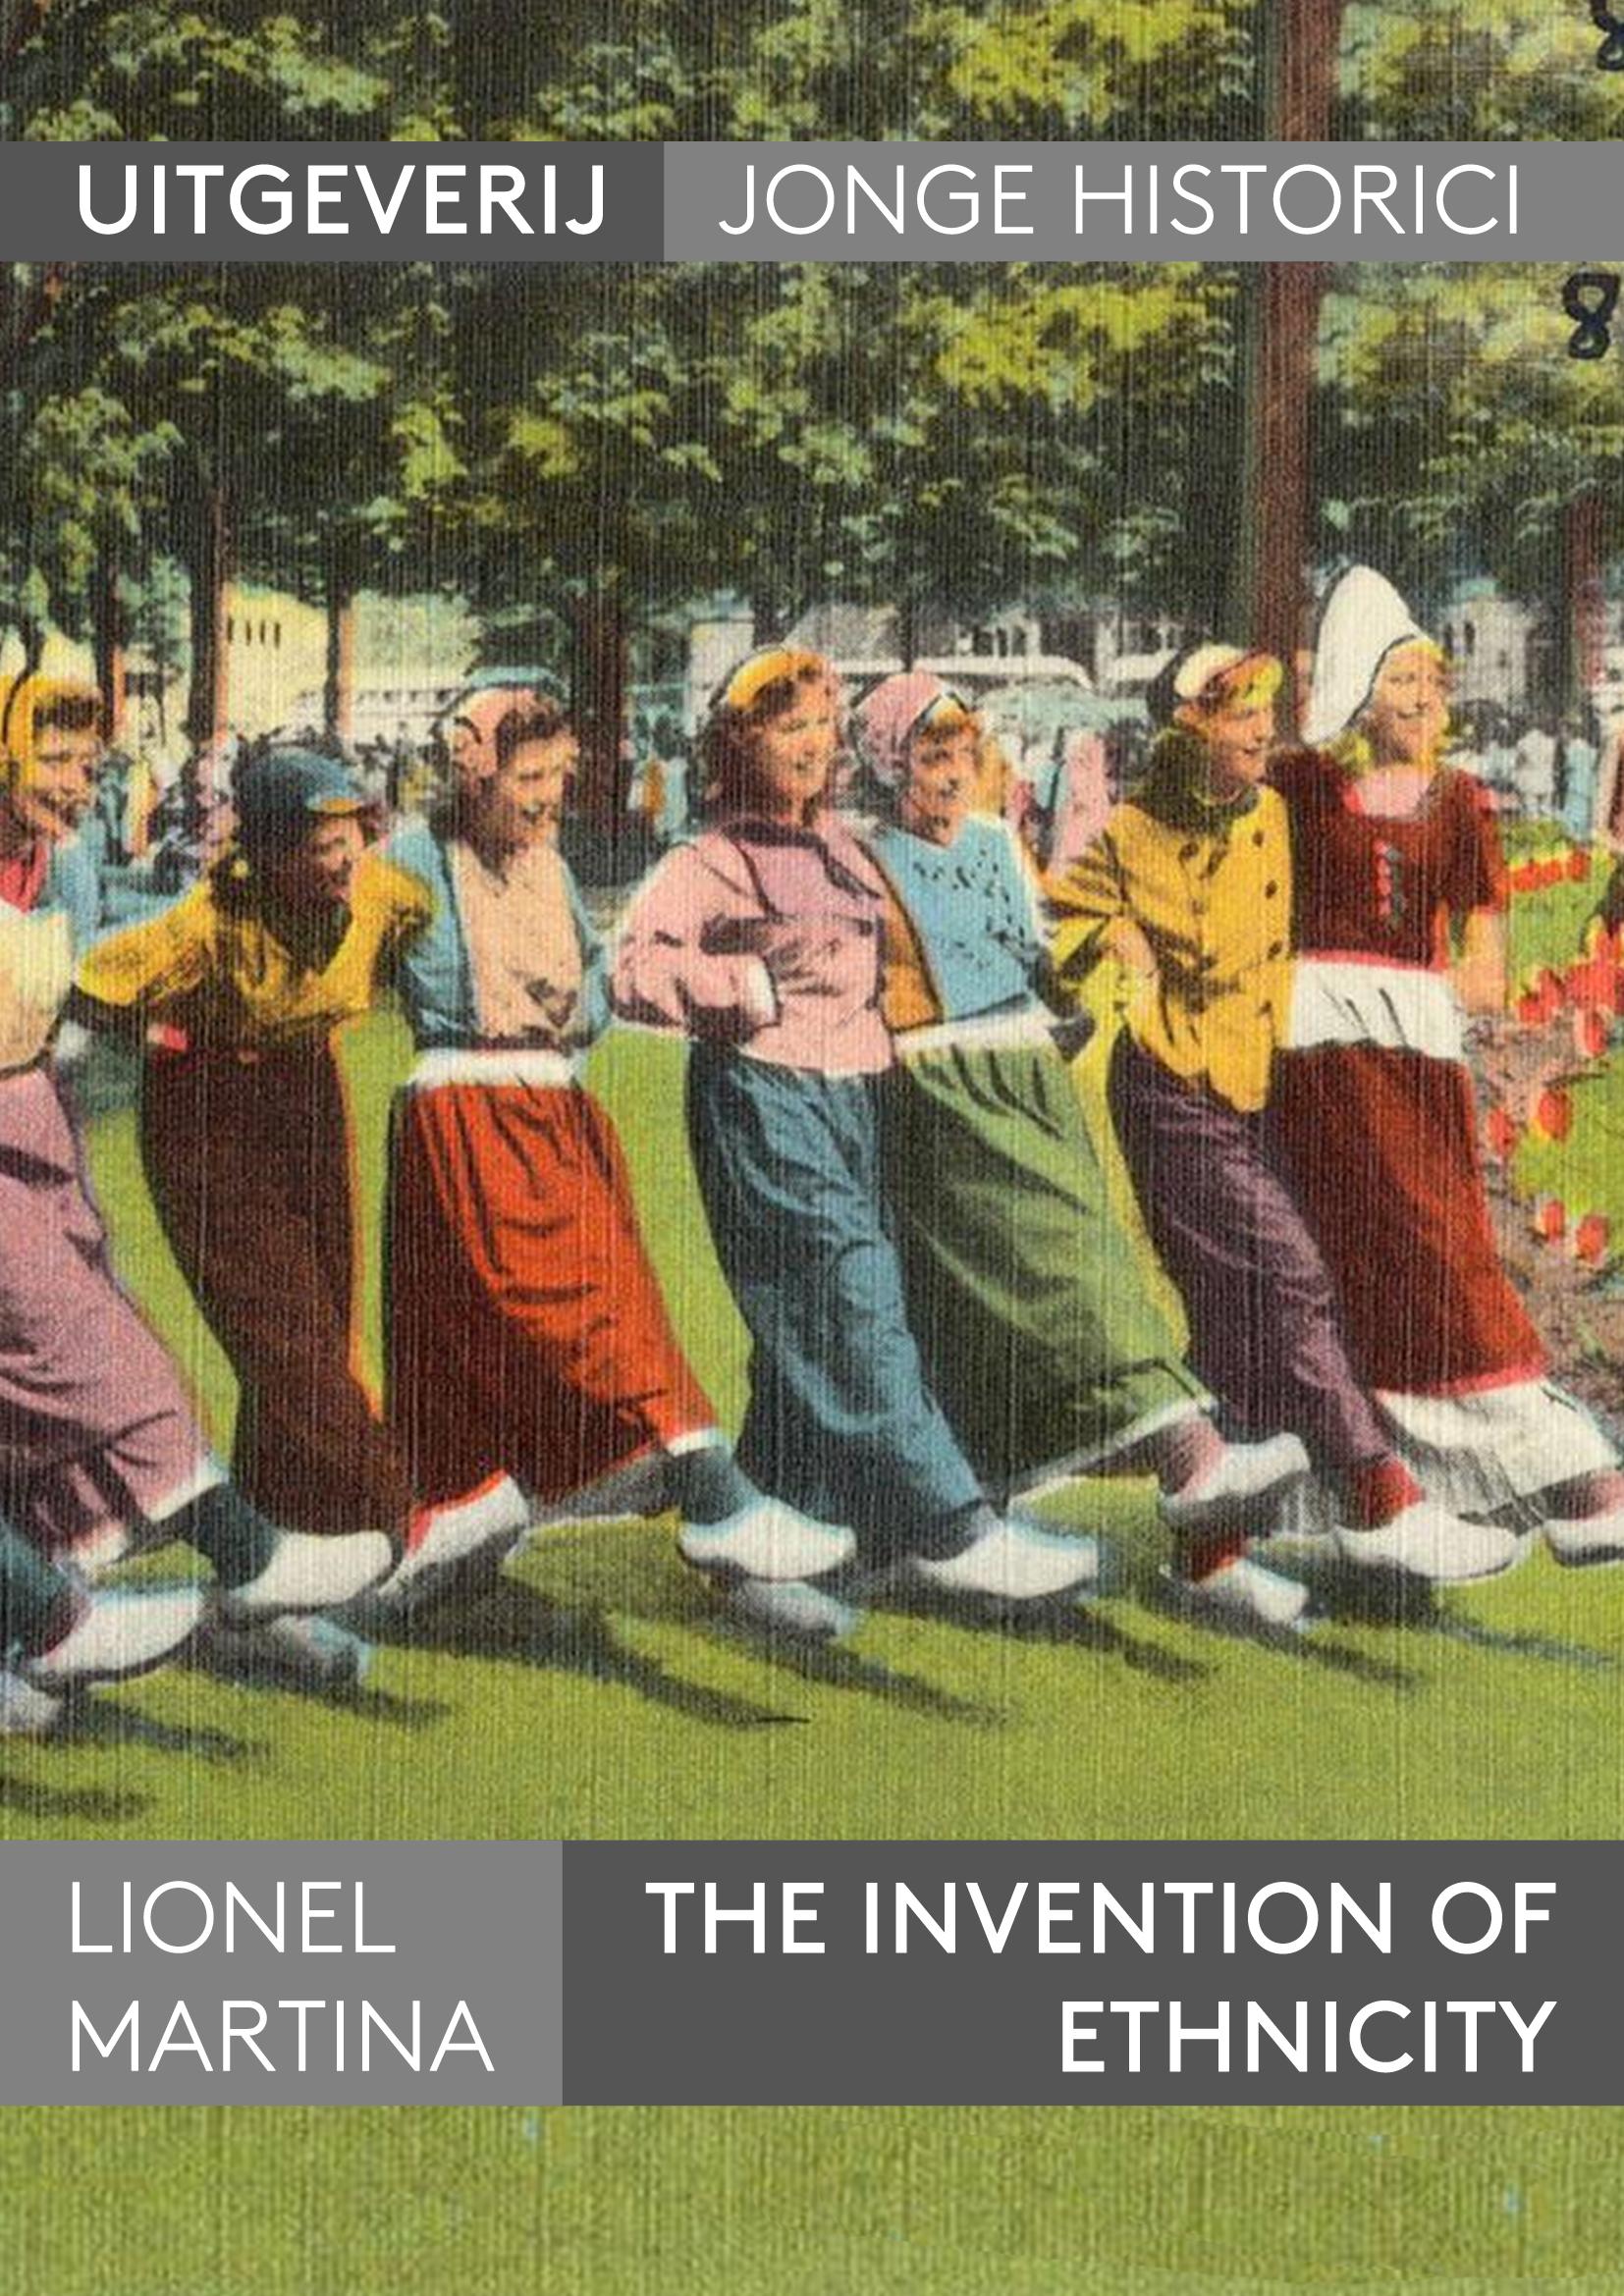 Longread: Lionel Martina, De ontdekking van etniciteit: Waarin een klein land groot kan zijn